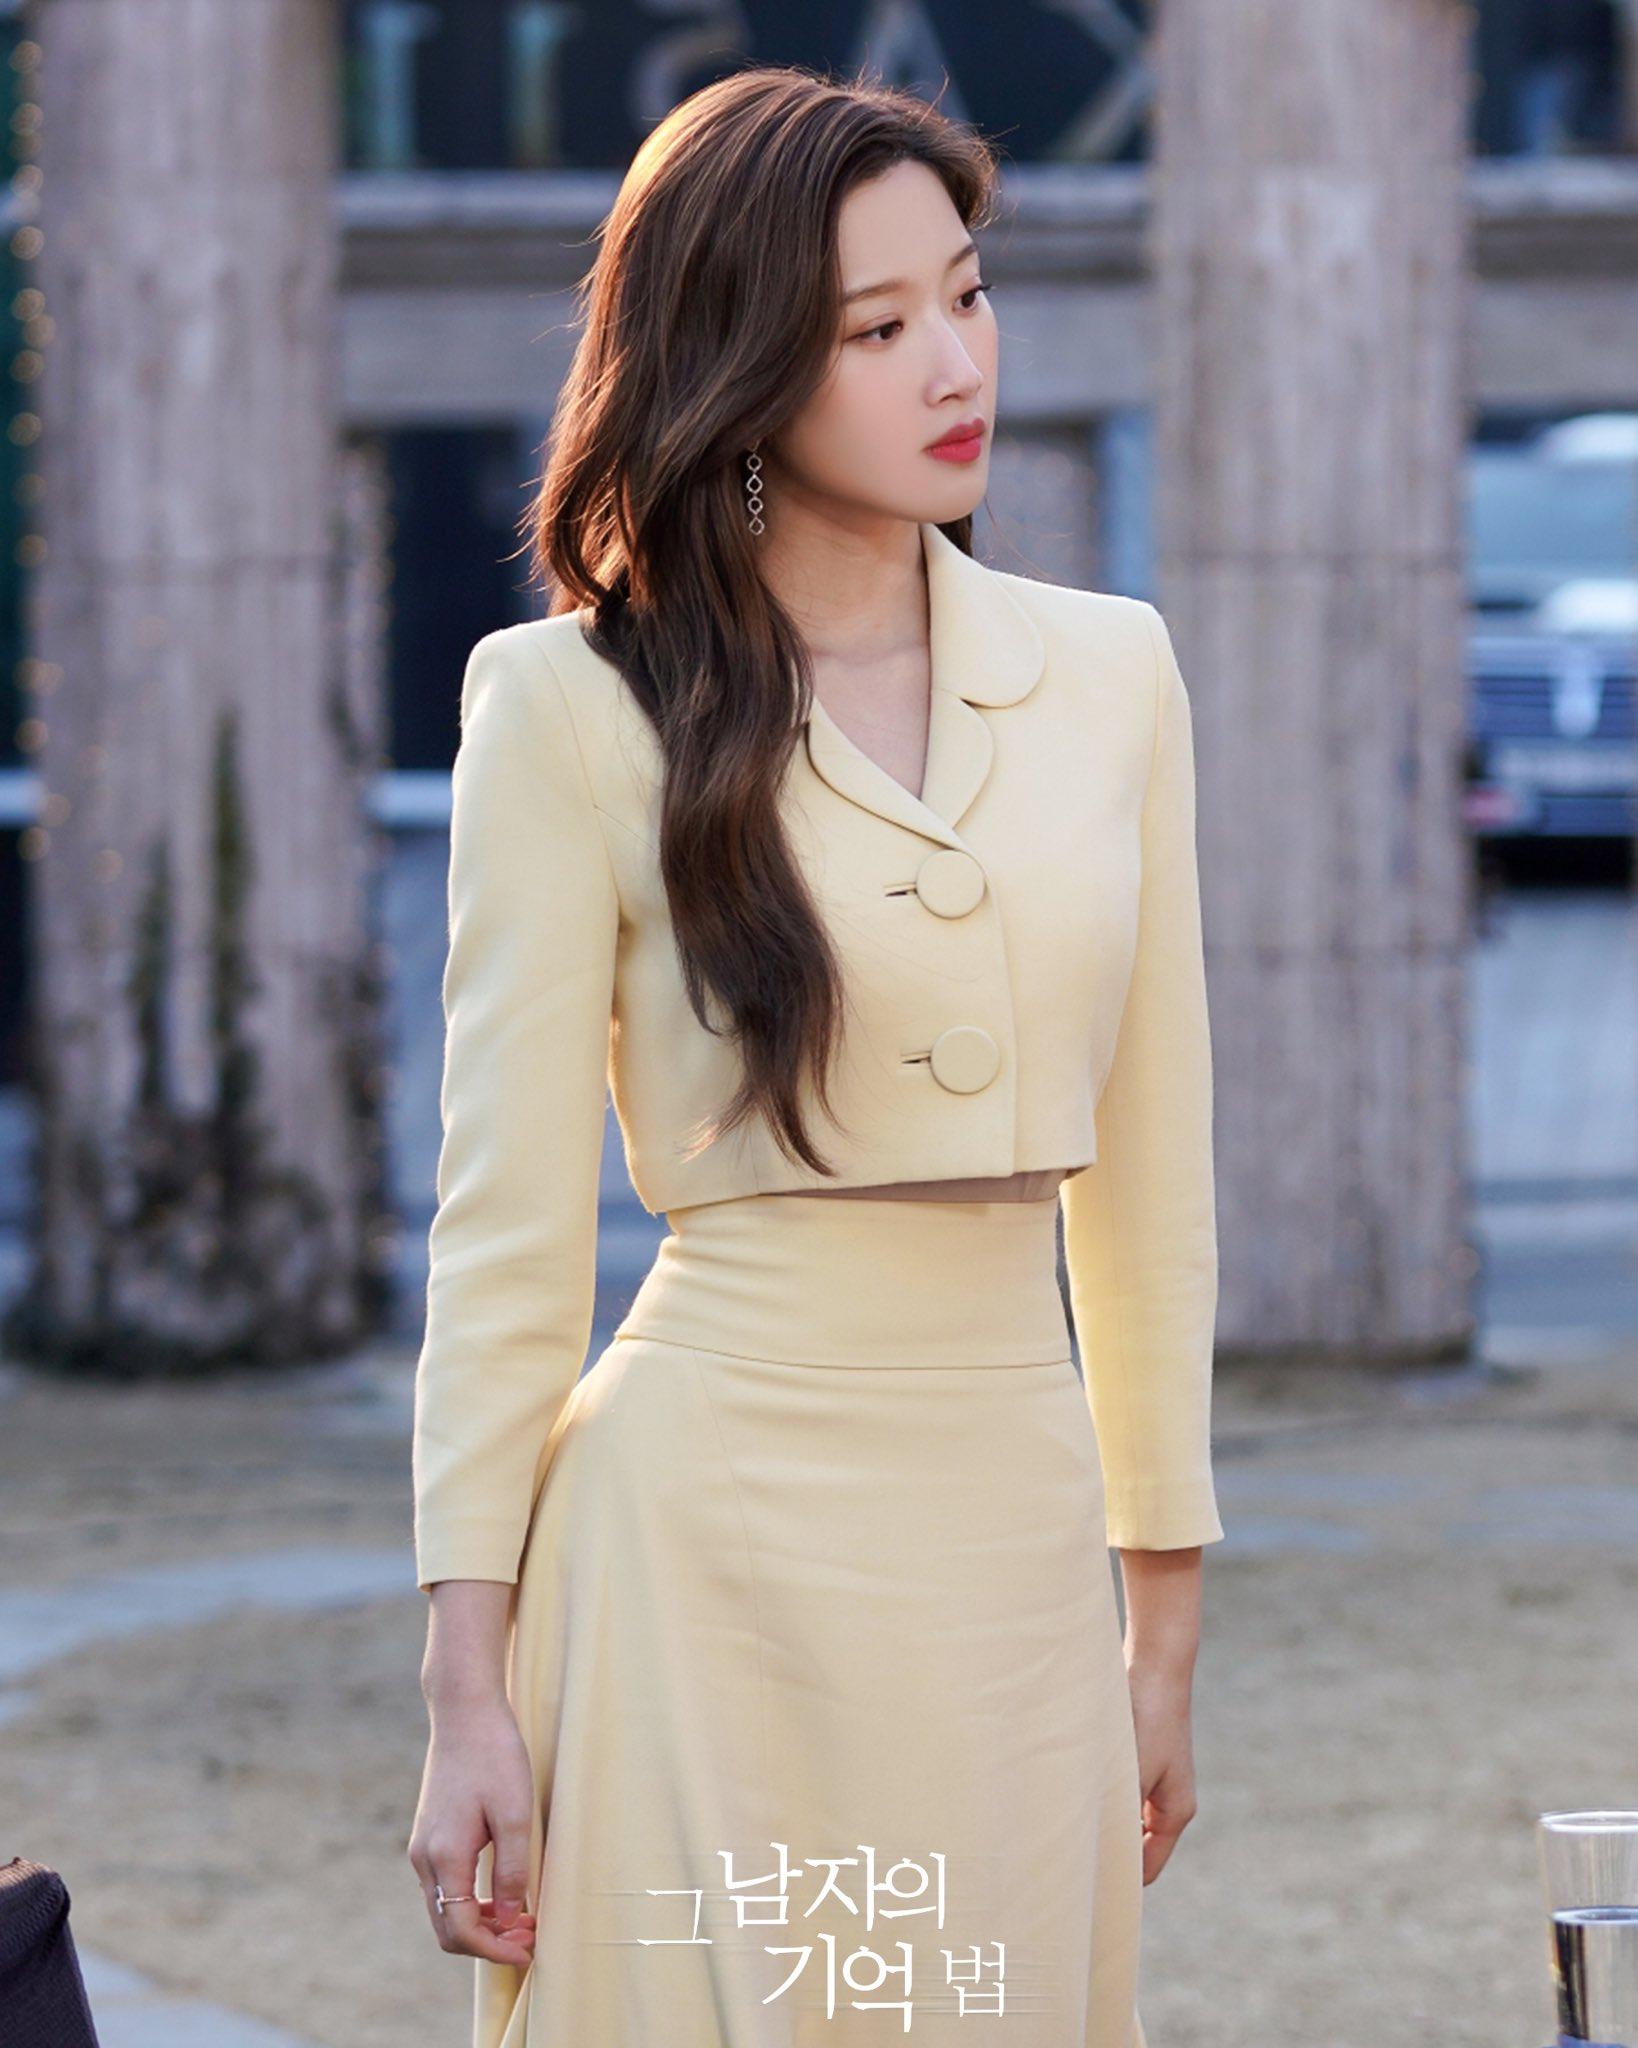 """Ngoài bộ đầm khoét ngực, váy siết eo cao vút mà Seo Ye Ji mặc trong """"Điên Thì Có Sao"""" cũng trở thành chuẩn mực khoe dáng của sao Hàn - Ảnh 5."""